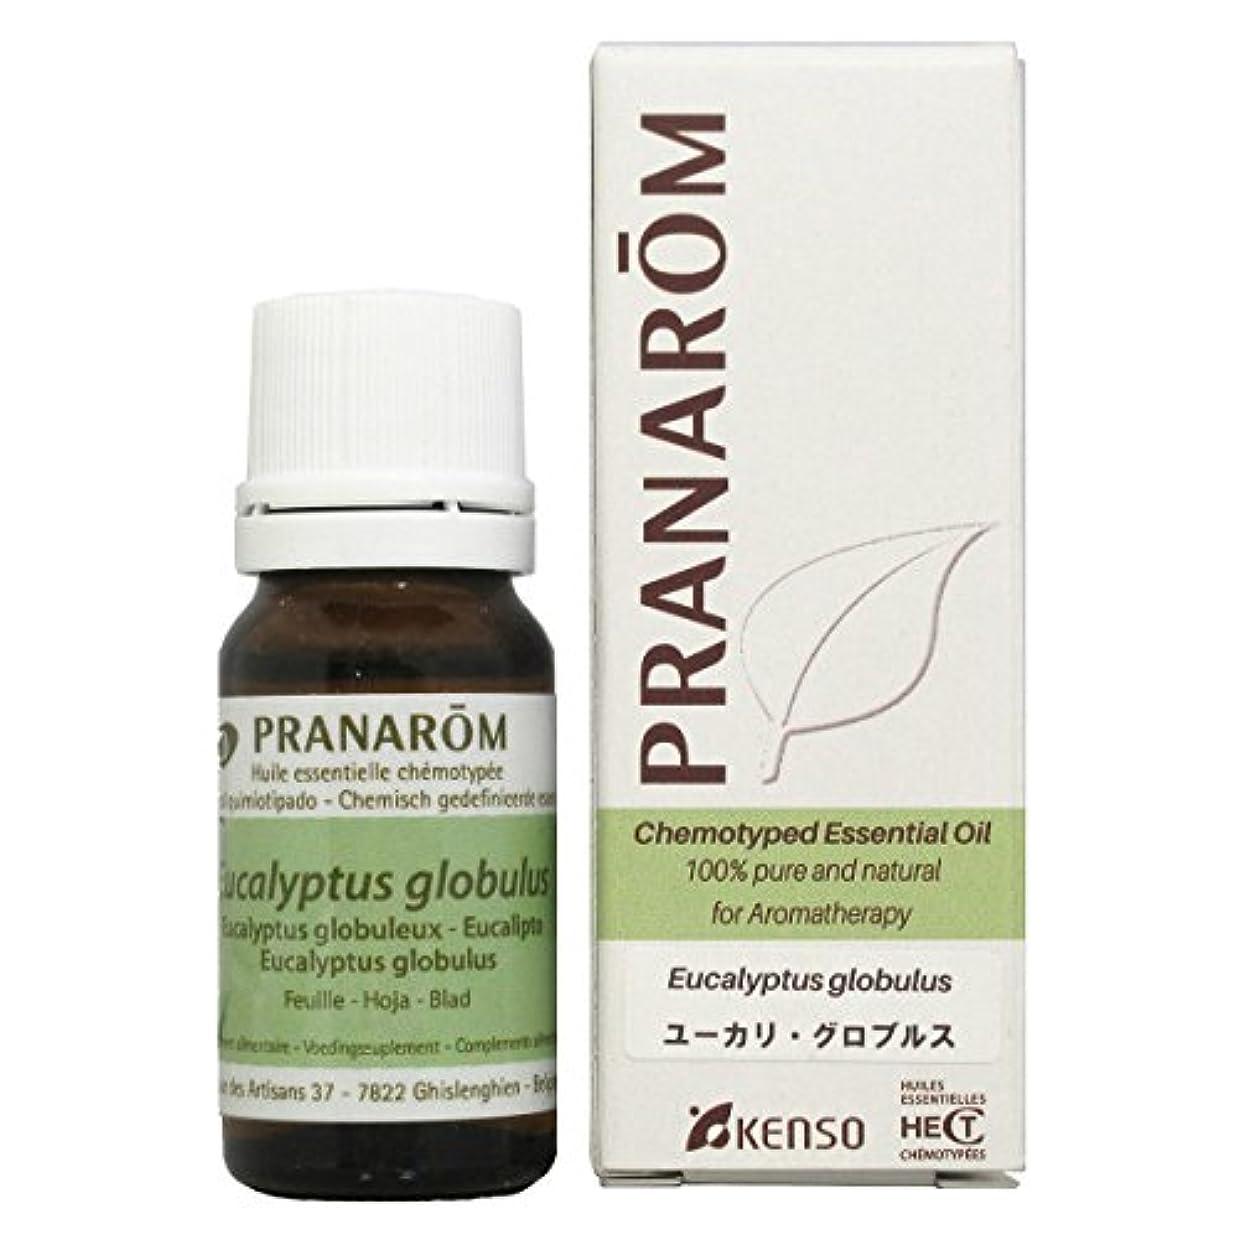 アナロジー狂信者寝てるプラナロム ユーカリグロブルス 10ml (PRANAROM ケモタイプ精油)